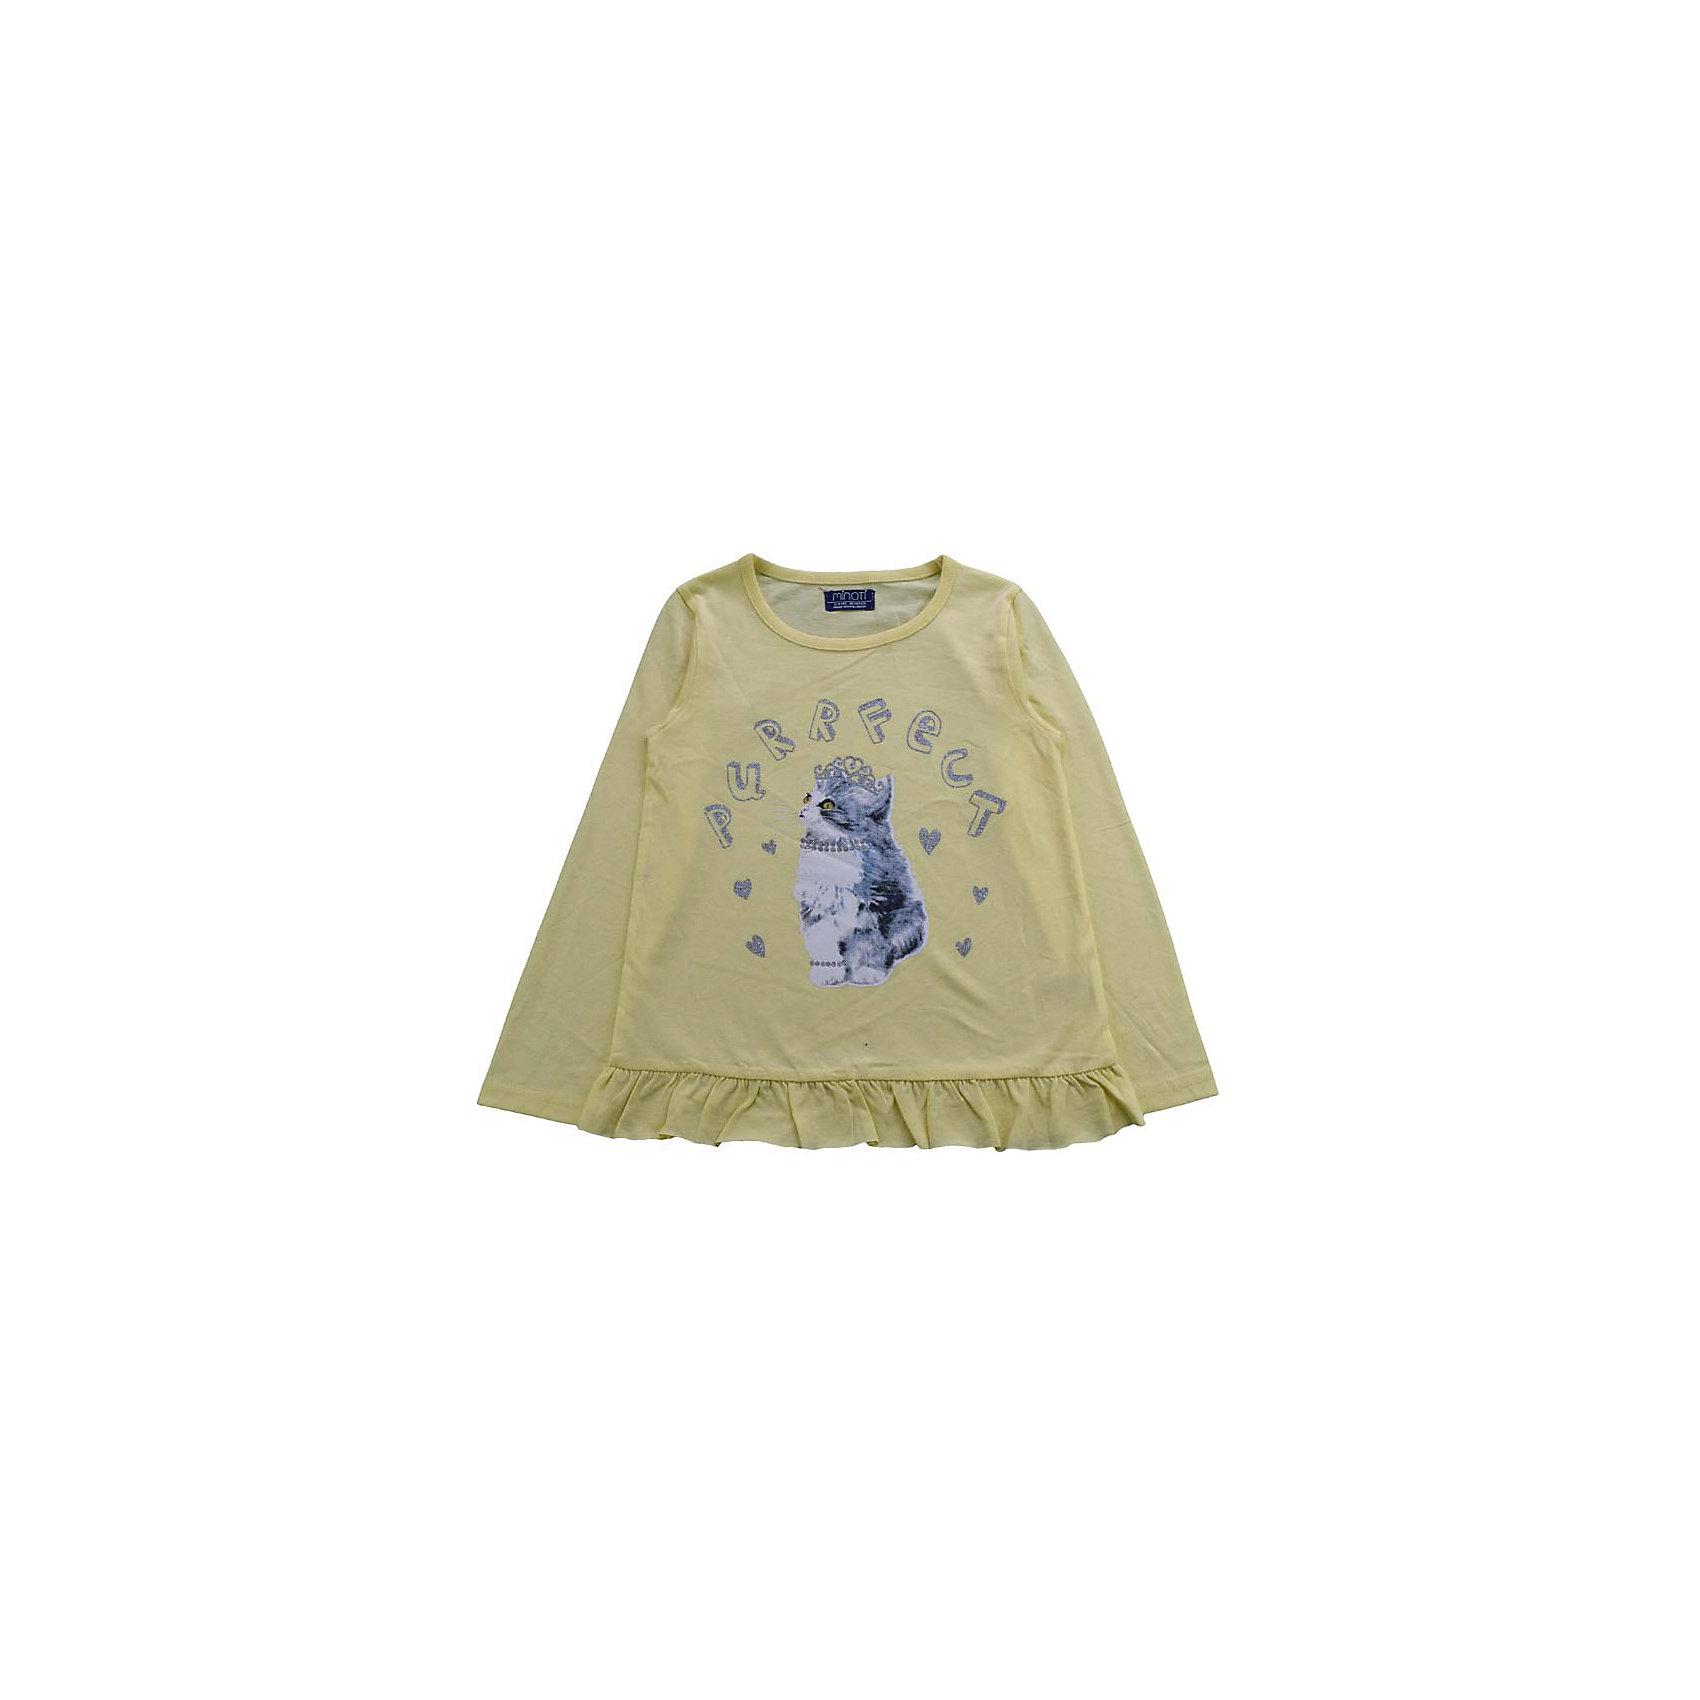 Футболка с длинным рукавом для девочки MinotiФутболка с длинным рукавом для девочки от популярной английской марки Minoti<br>Симпатичная футболка отличается продуманным кроем и эффектным дизайном. Модель легко надевается, отлично смотрится, не стесняет движения. Материал содержит натуральный хлопок, гипоаллергенный, дышащий и приятный на ощупь.<br><br>Особенности модели:<br><br>- цвет: желтый;<br>- трикотаж;<br>- принт с блестящими деталями;<br>- рукав длинный;<br>- волан по низу;<br>- ворот круглый, с окантовкой.<br><br>Дополнительная информация:<br><br>Состав: 100% хлопок<br><br>Уход за изделием:<br><br>стирка в машине при температуре до 30°С,<br>не отбеливать,<br>гладить на средней температуре.<br><br>Футболку с длинным рукавом для девочки от Minoti (Минотти) можно купить в нашем магазине<br><br>Ширина мм: 190<br>Глубина мм: 74<br>Высота мм: 229<br>Вес г: 236<br>Цвет: желтый<br>Возраст от месяцев: 12<br>Возраст до месяцев: 15<br>Пол: Женский<br>Возраст: Детский<br>Размер: 80/86,86/92,92/98,98/104<br>SKU: 4263384